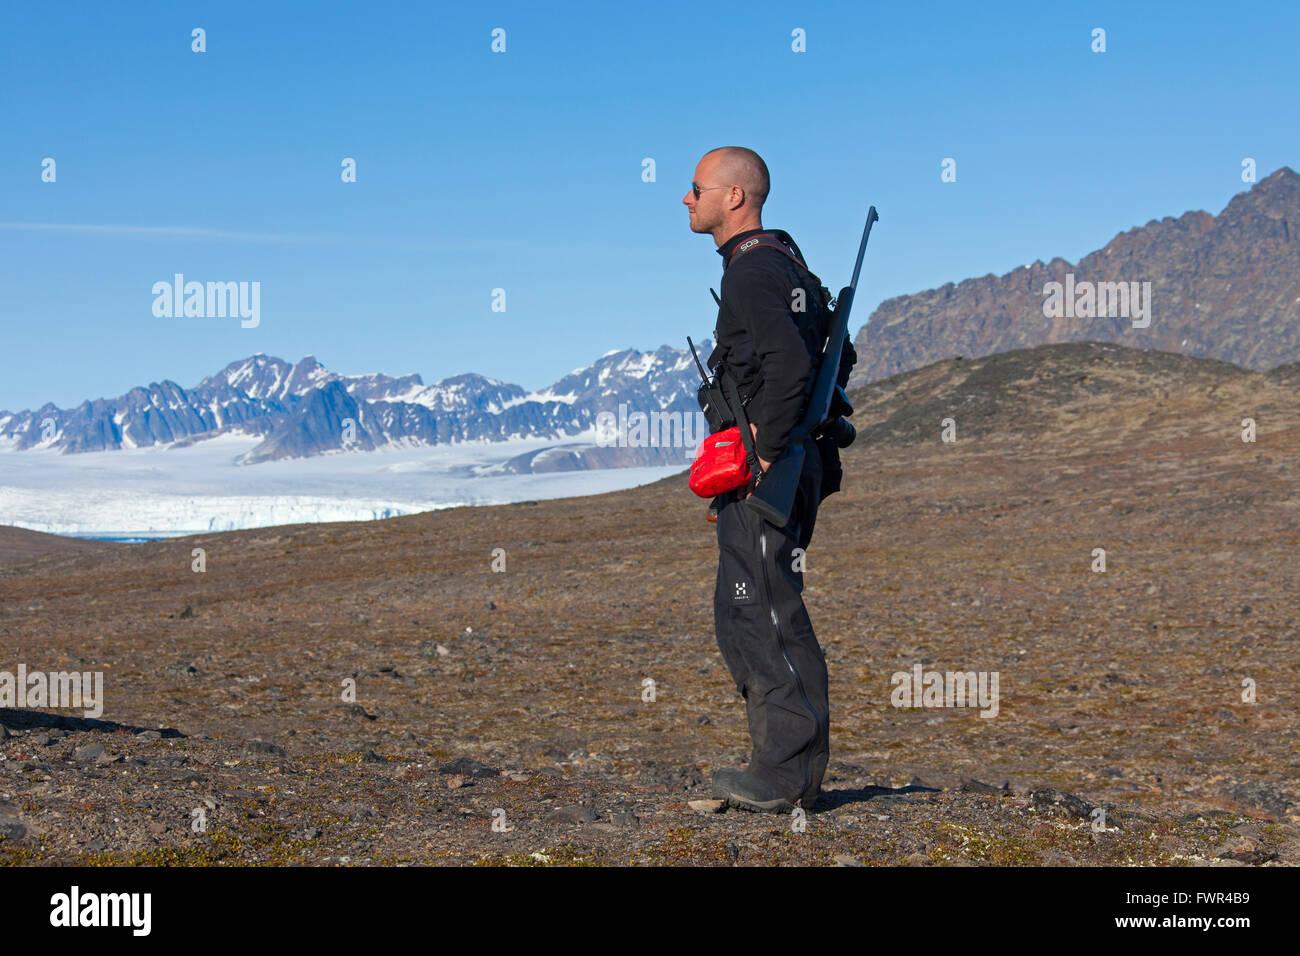 Eisbär-Wache, bewaffnet mit Gewehr auf der Suche nach Eisbären, Spitzbergen, Norwegen Stockbild